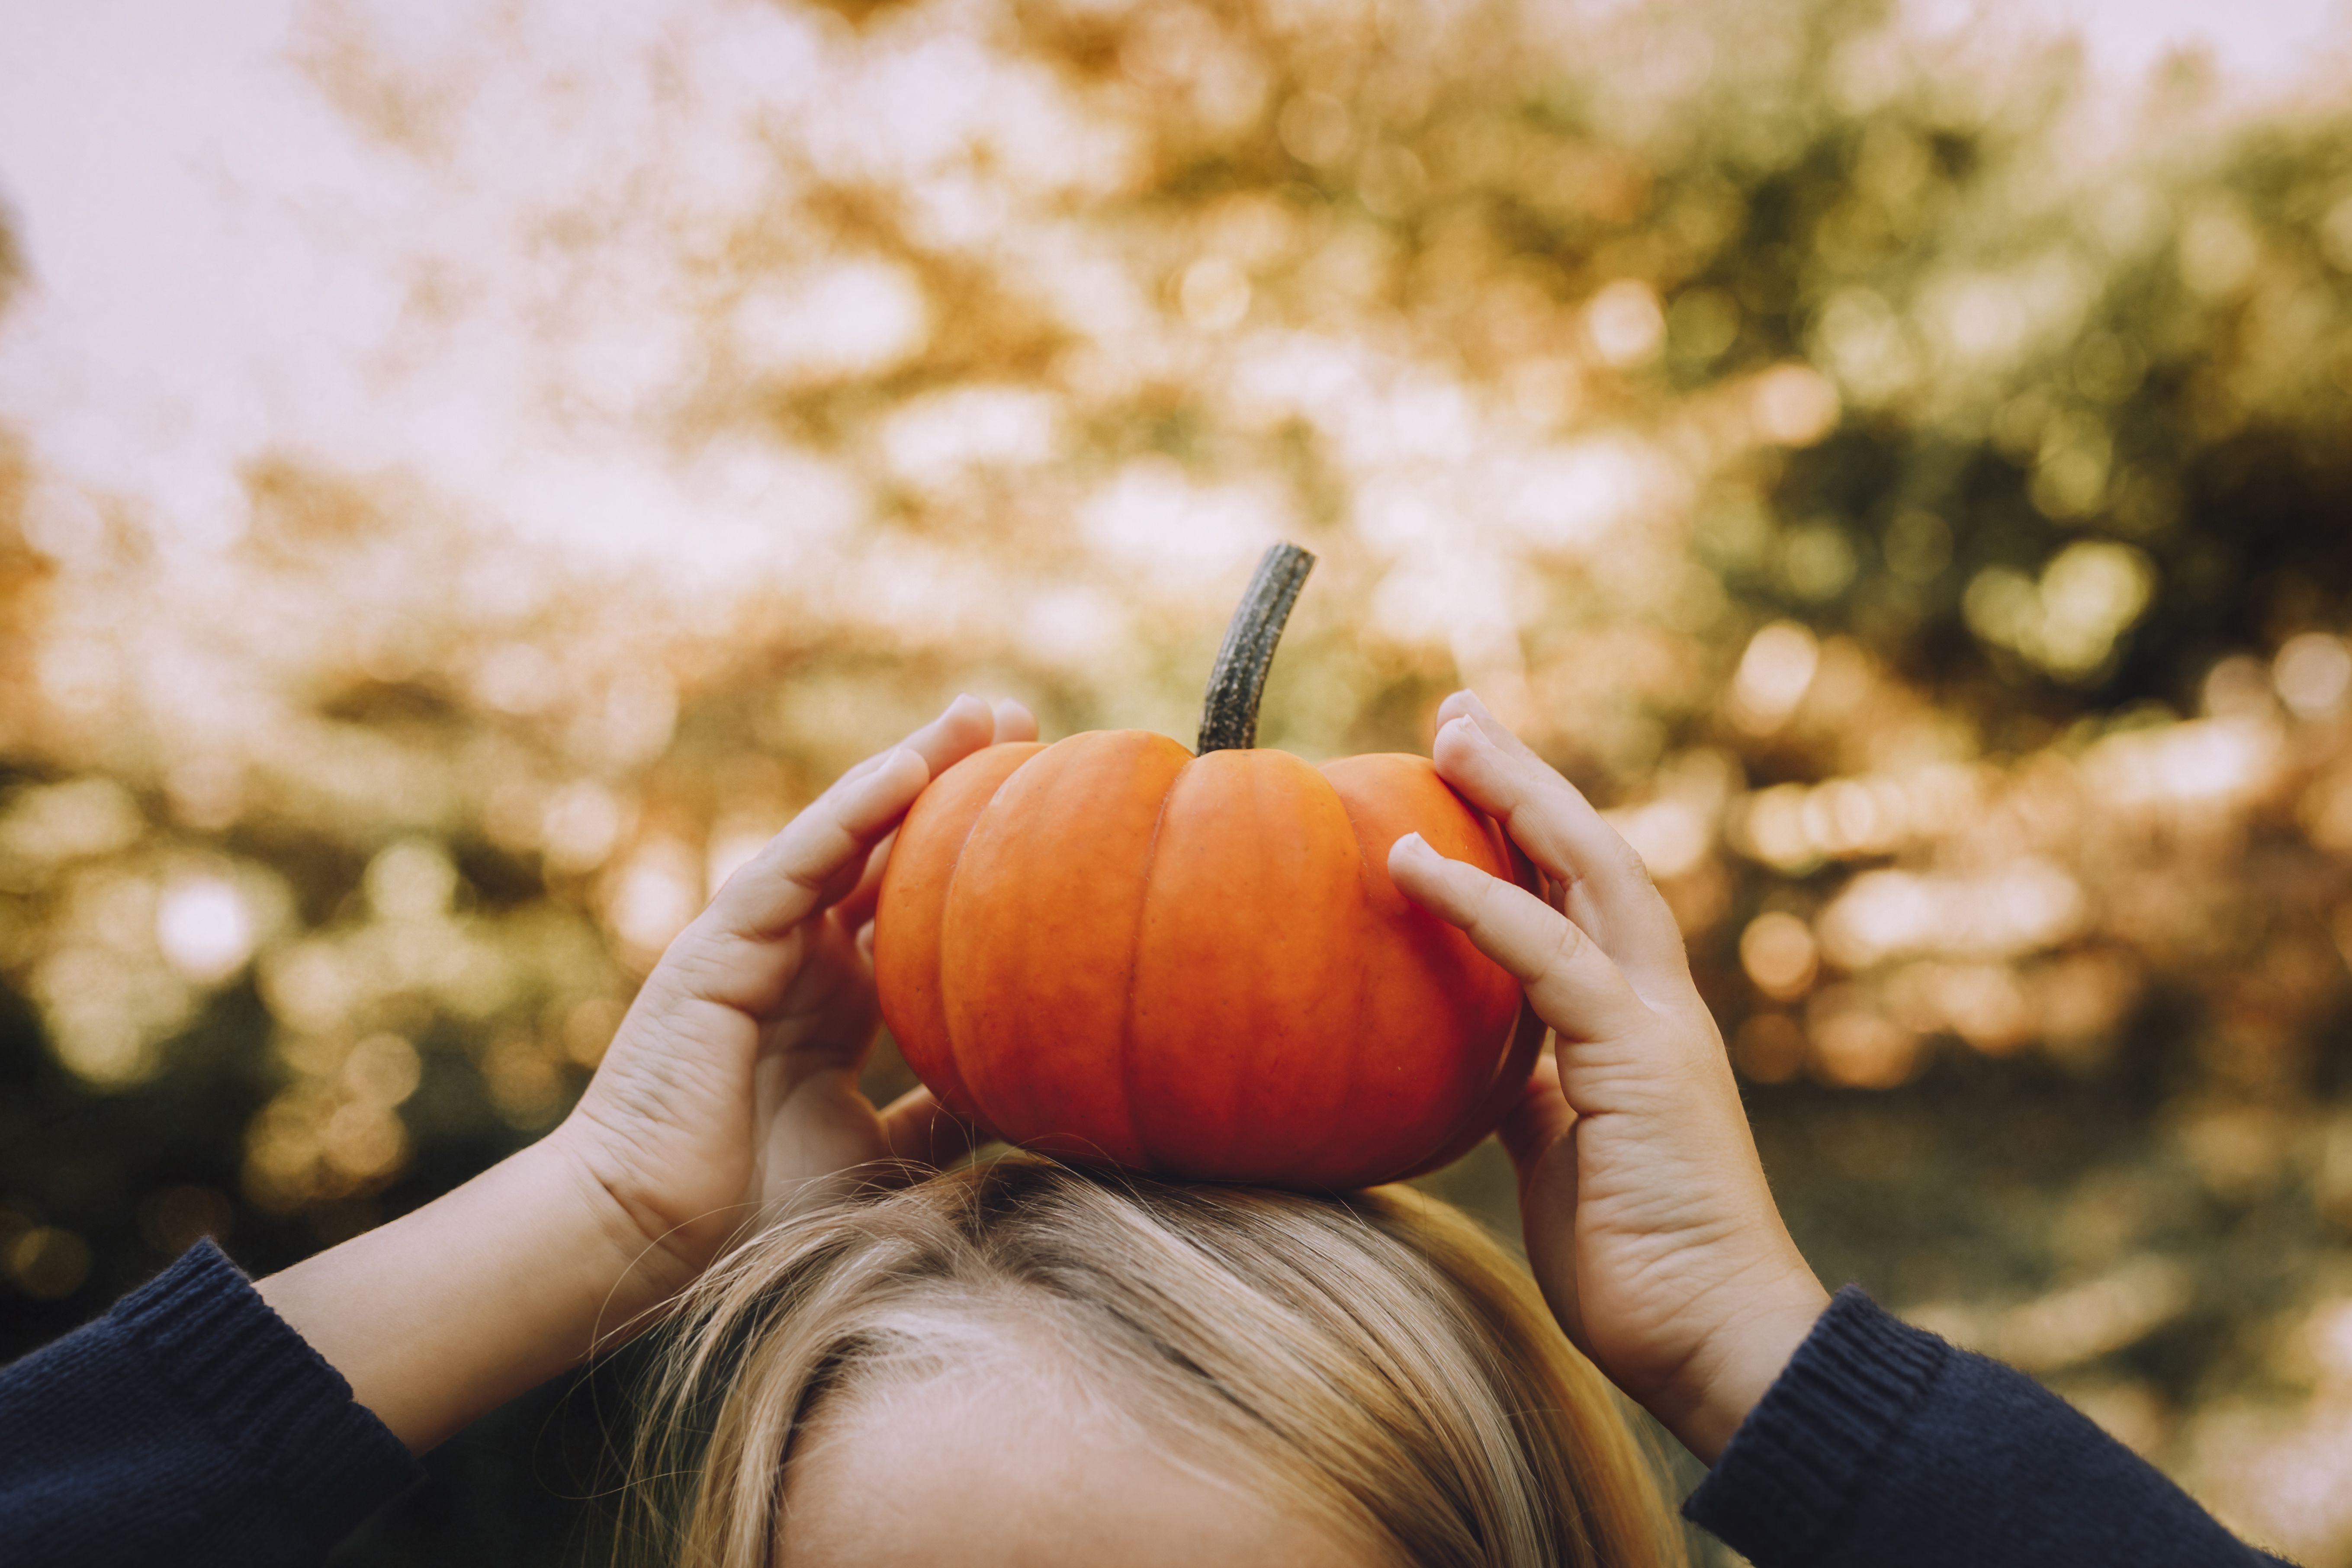 Imagen recortada de una niña equilibrando la calabaza en la cabeza